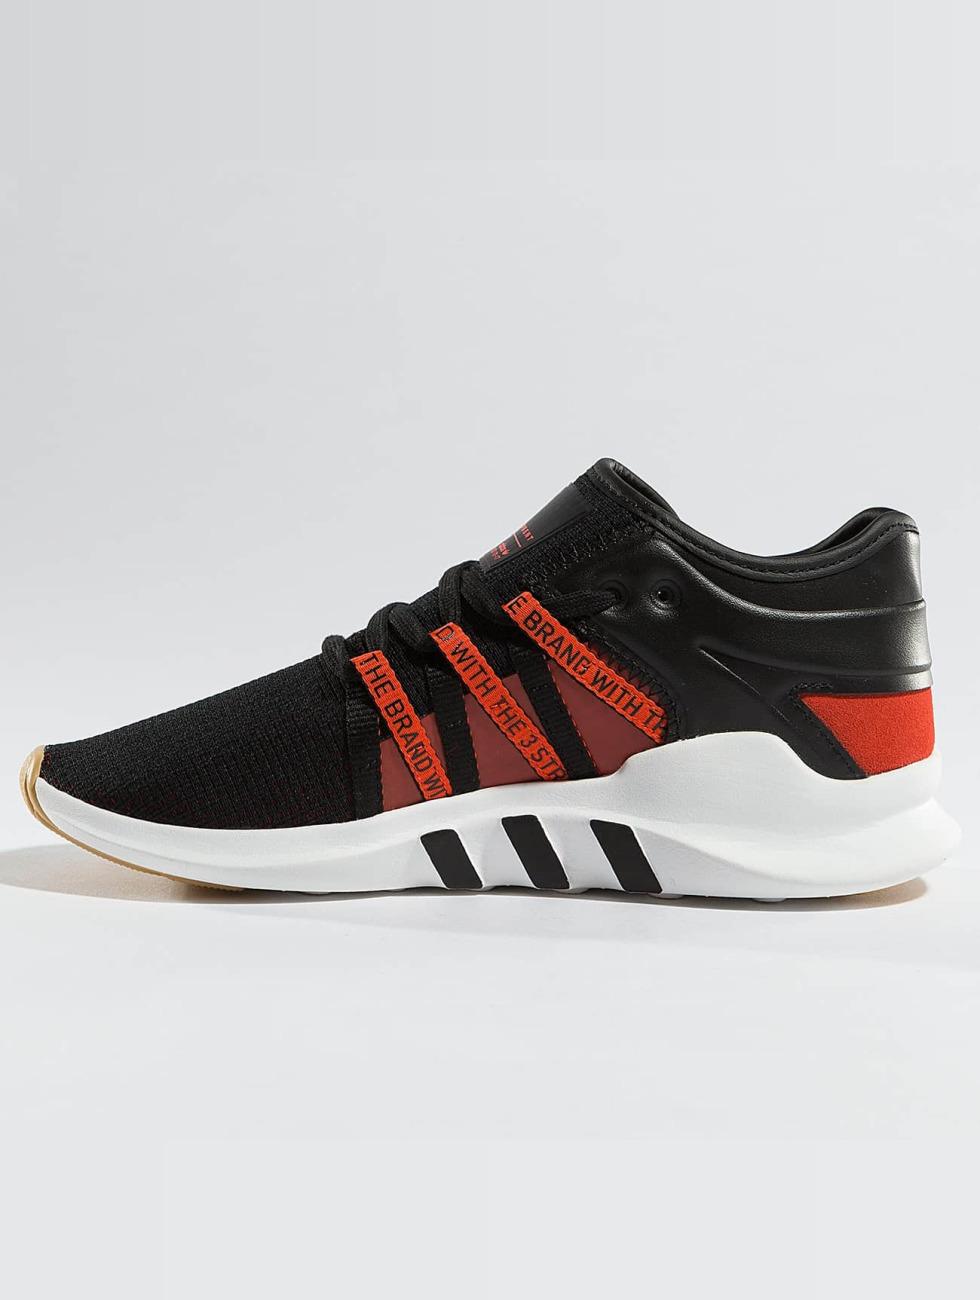 adidas originals schoen / sneaker Eqt Racing Adv in zwart 437538 Goedkope Koop Echt Limited Edition Online Te Koop Qms1yG8WiG